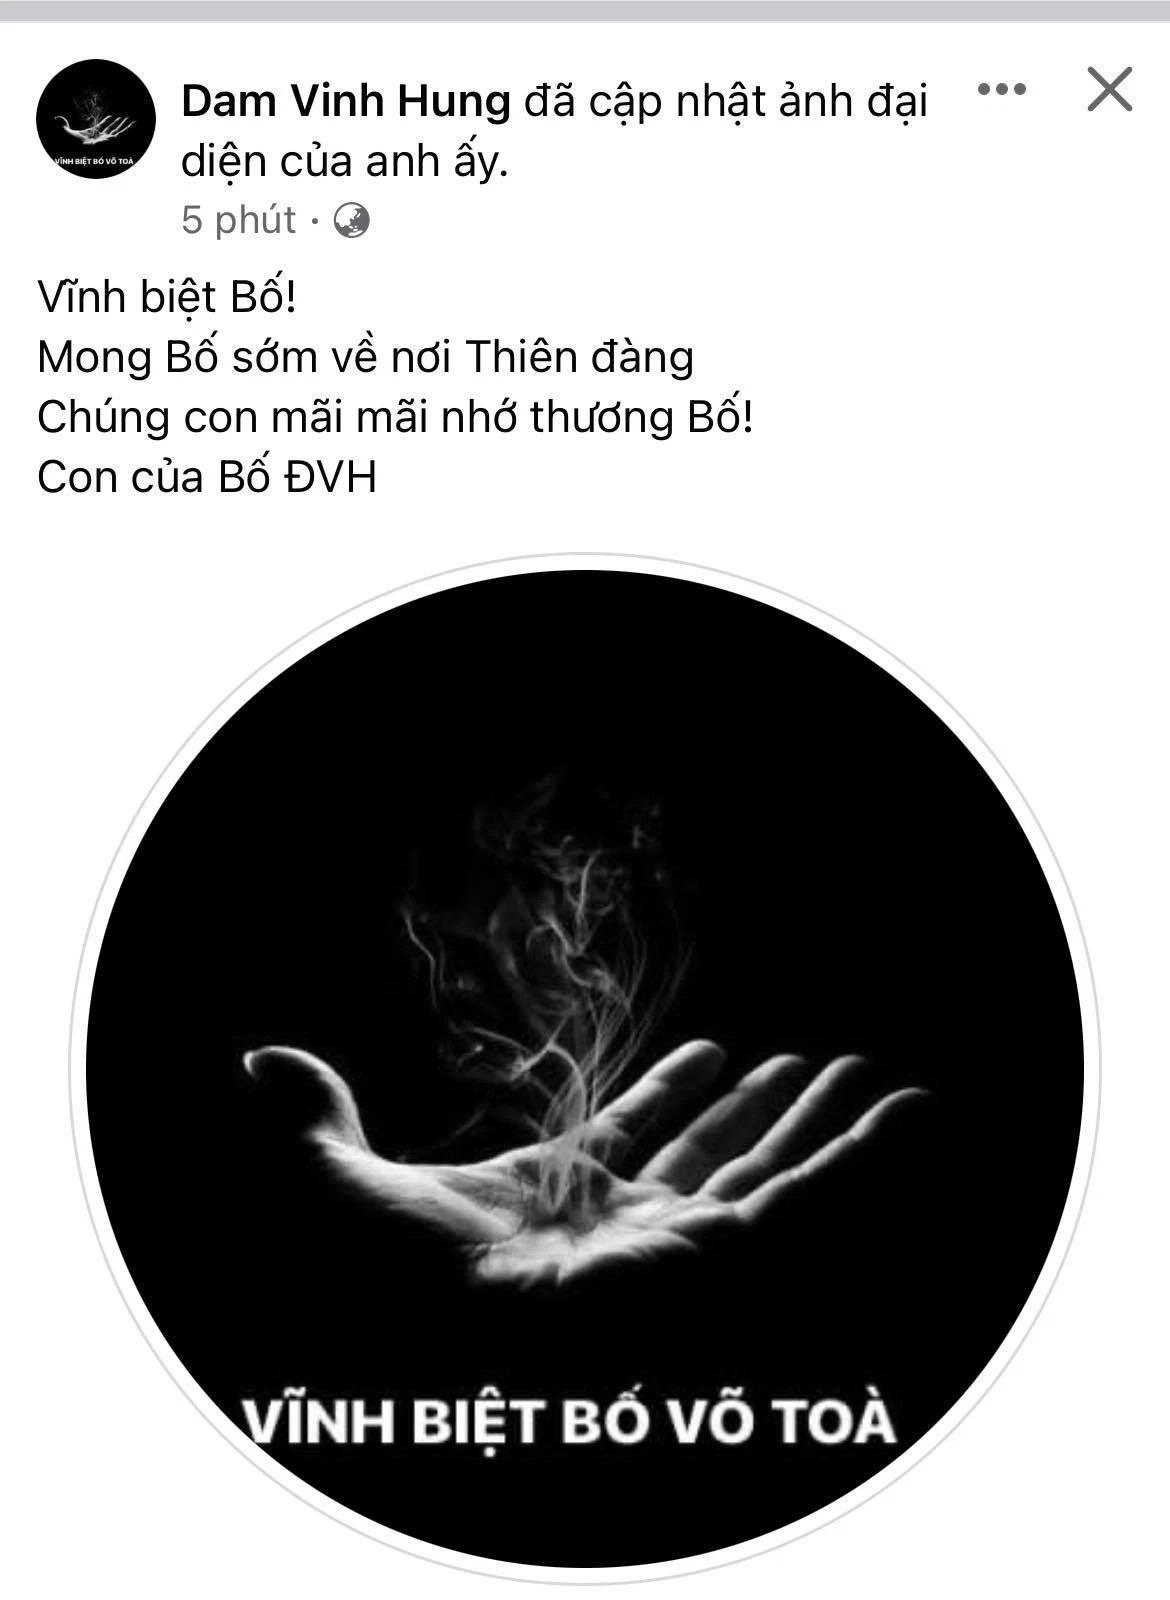 Bố nghệ sĩ Hoài Linh qua đời, Võ Lê Thành Vinh, Dương Triệu Vũ và Đàm Vĩnh Hưng đồng loạt thay ảnh tiếc thương 2